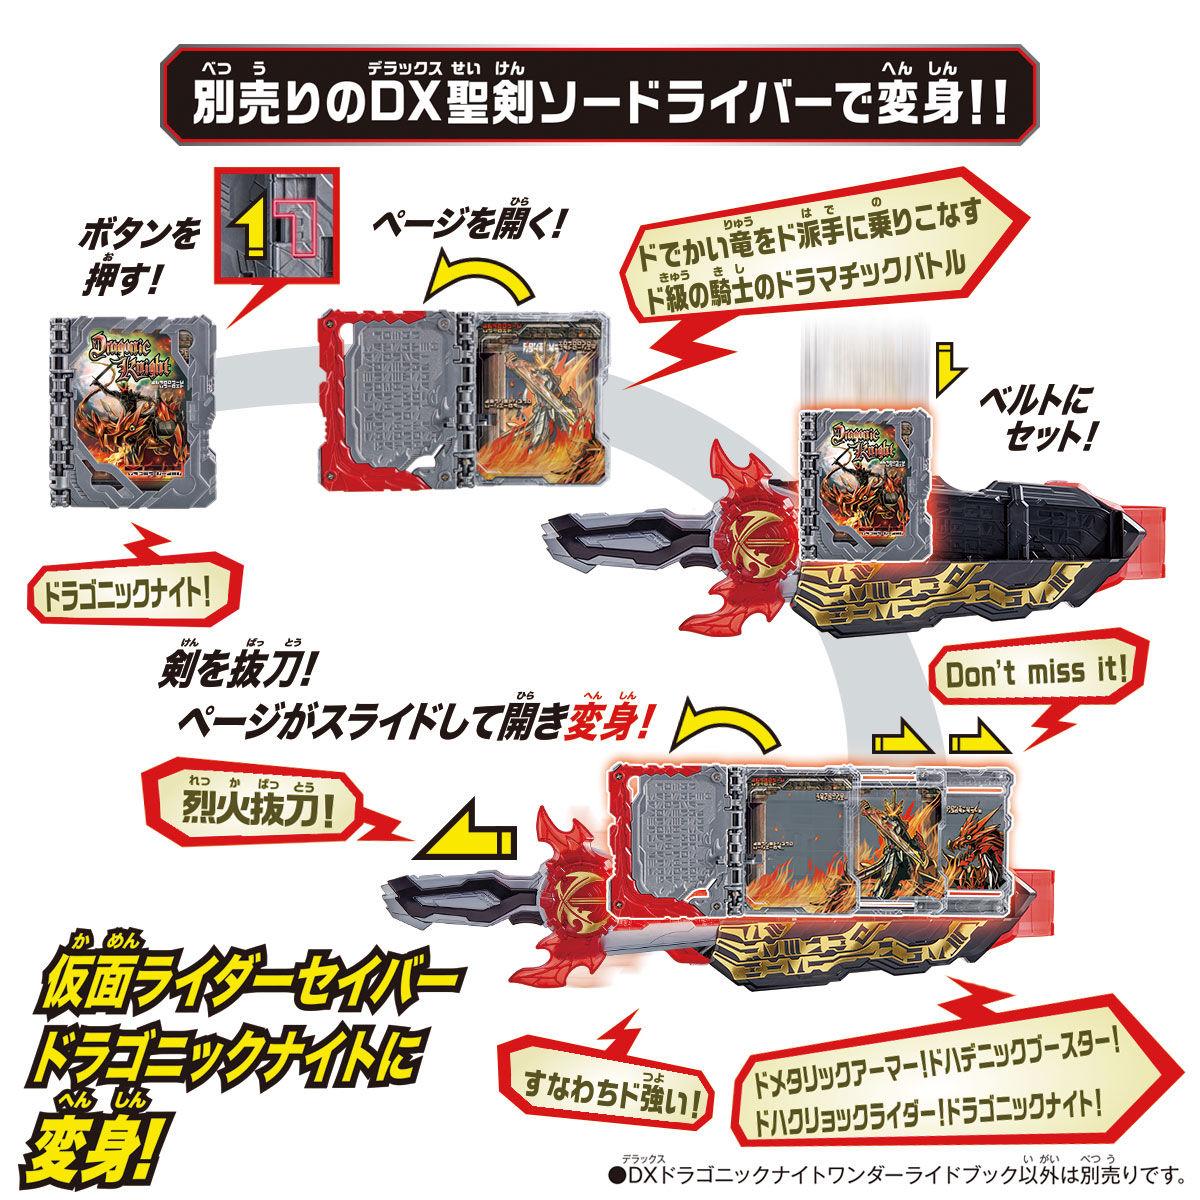 仮面ライダーセイバー『DXドラゴニックナイトワンダーライドブック』変身なりきり-006